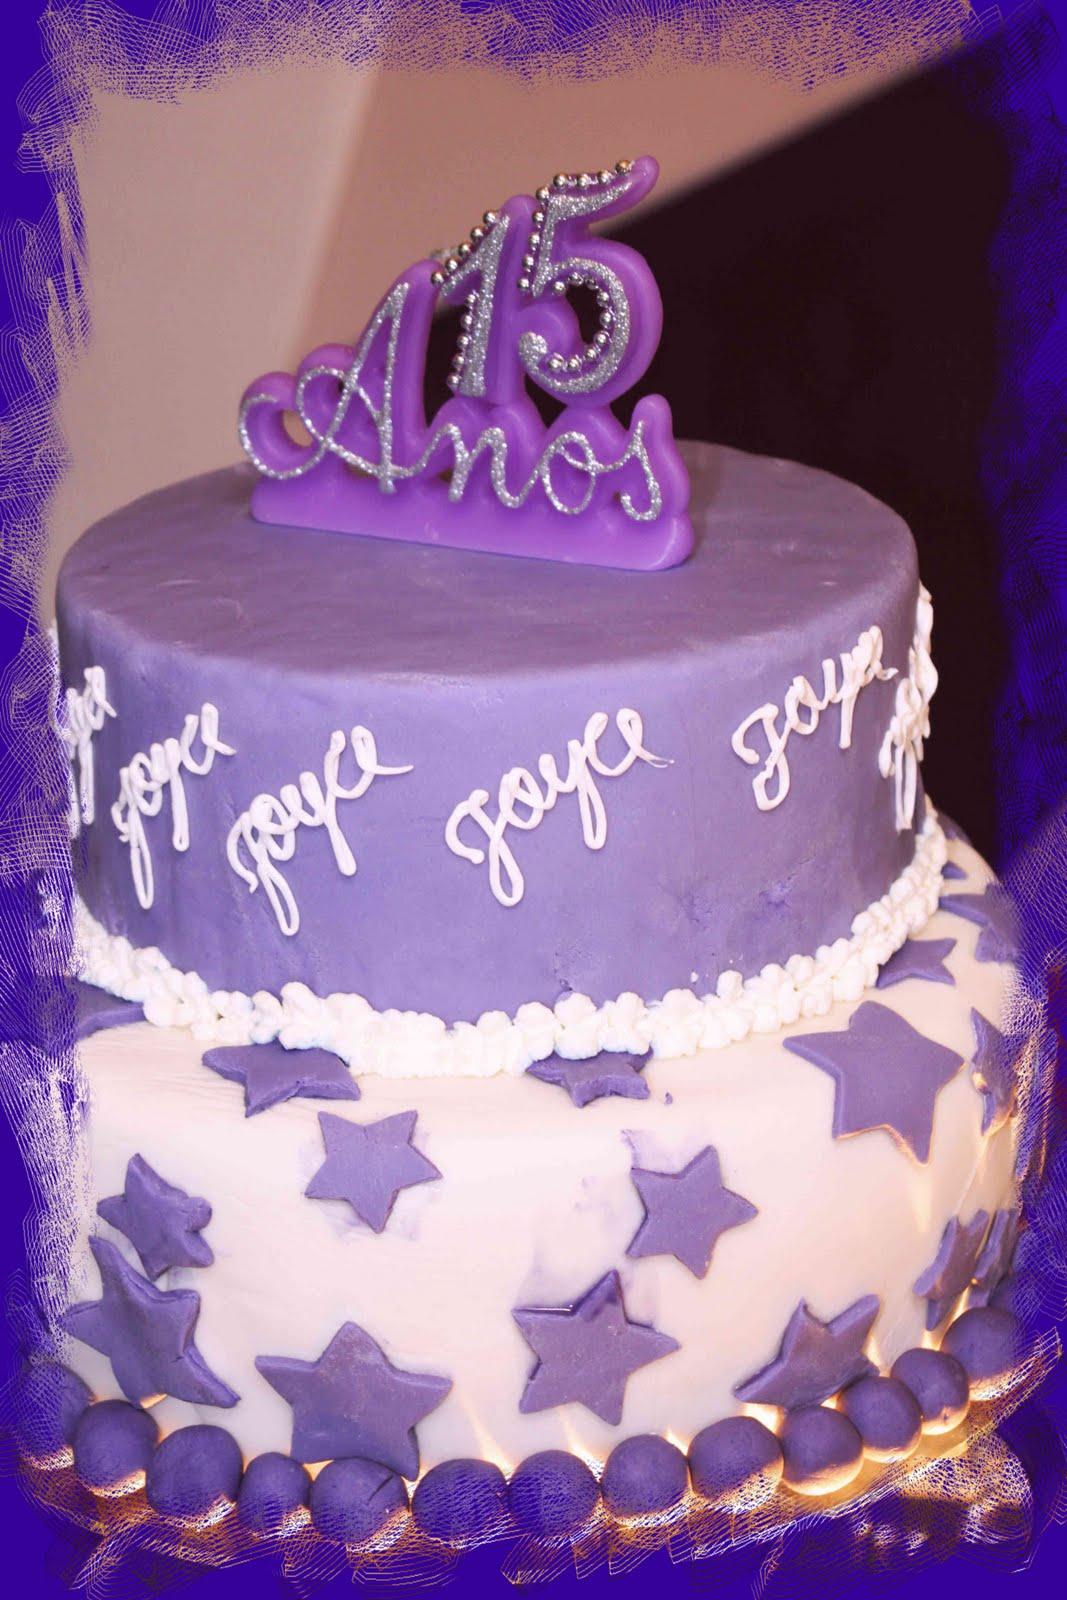 Bolos decorados para festa de 15 anos com diferentes modelos roxo thecheapjerseys Choice Image